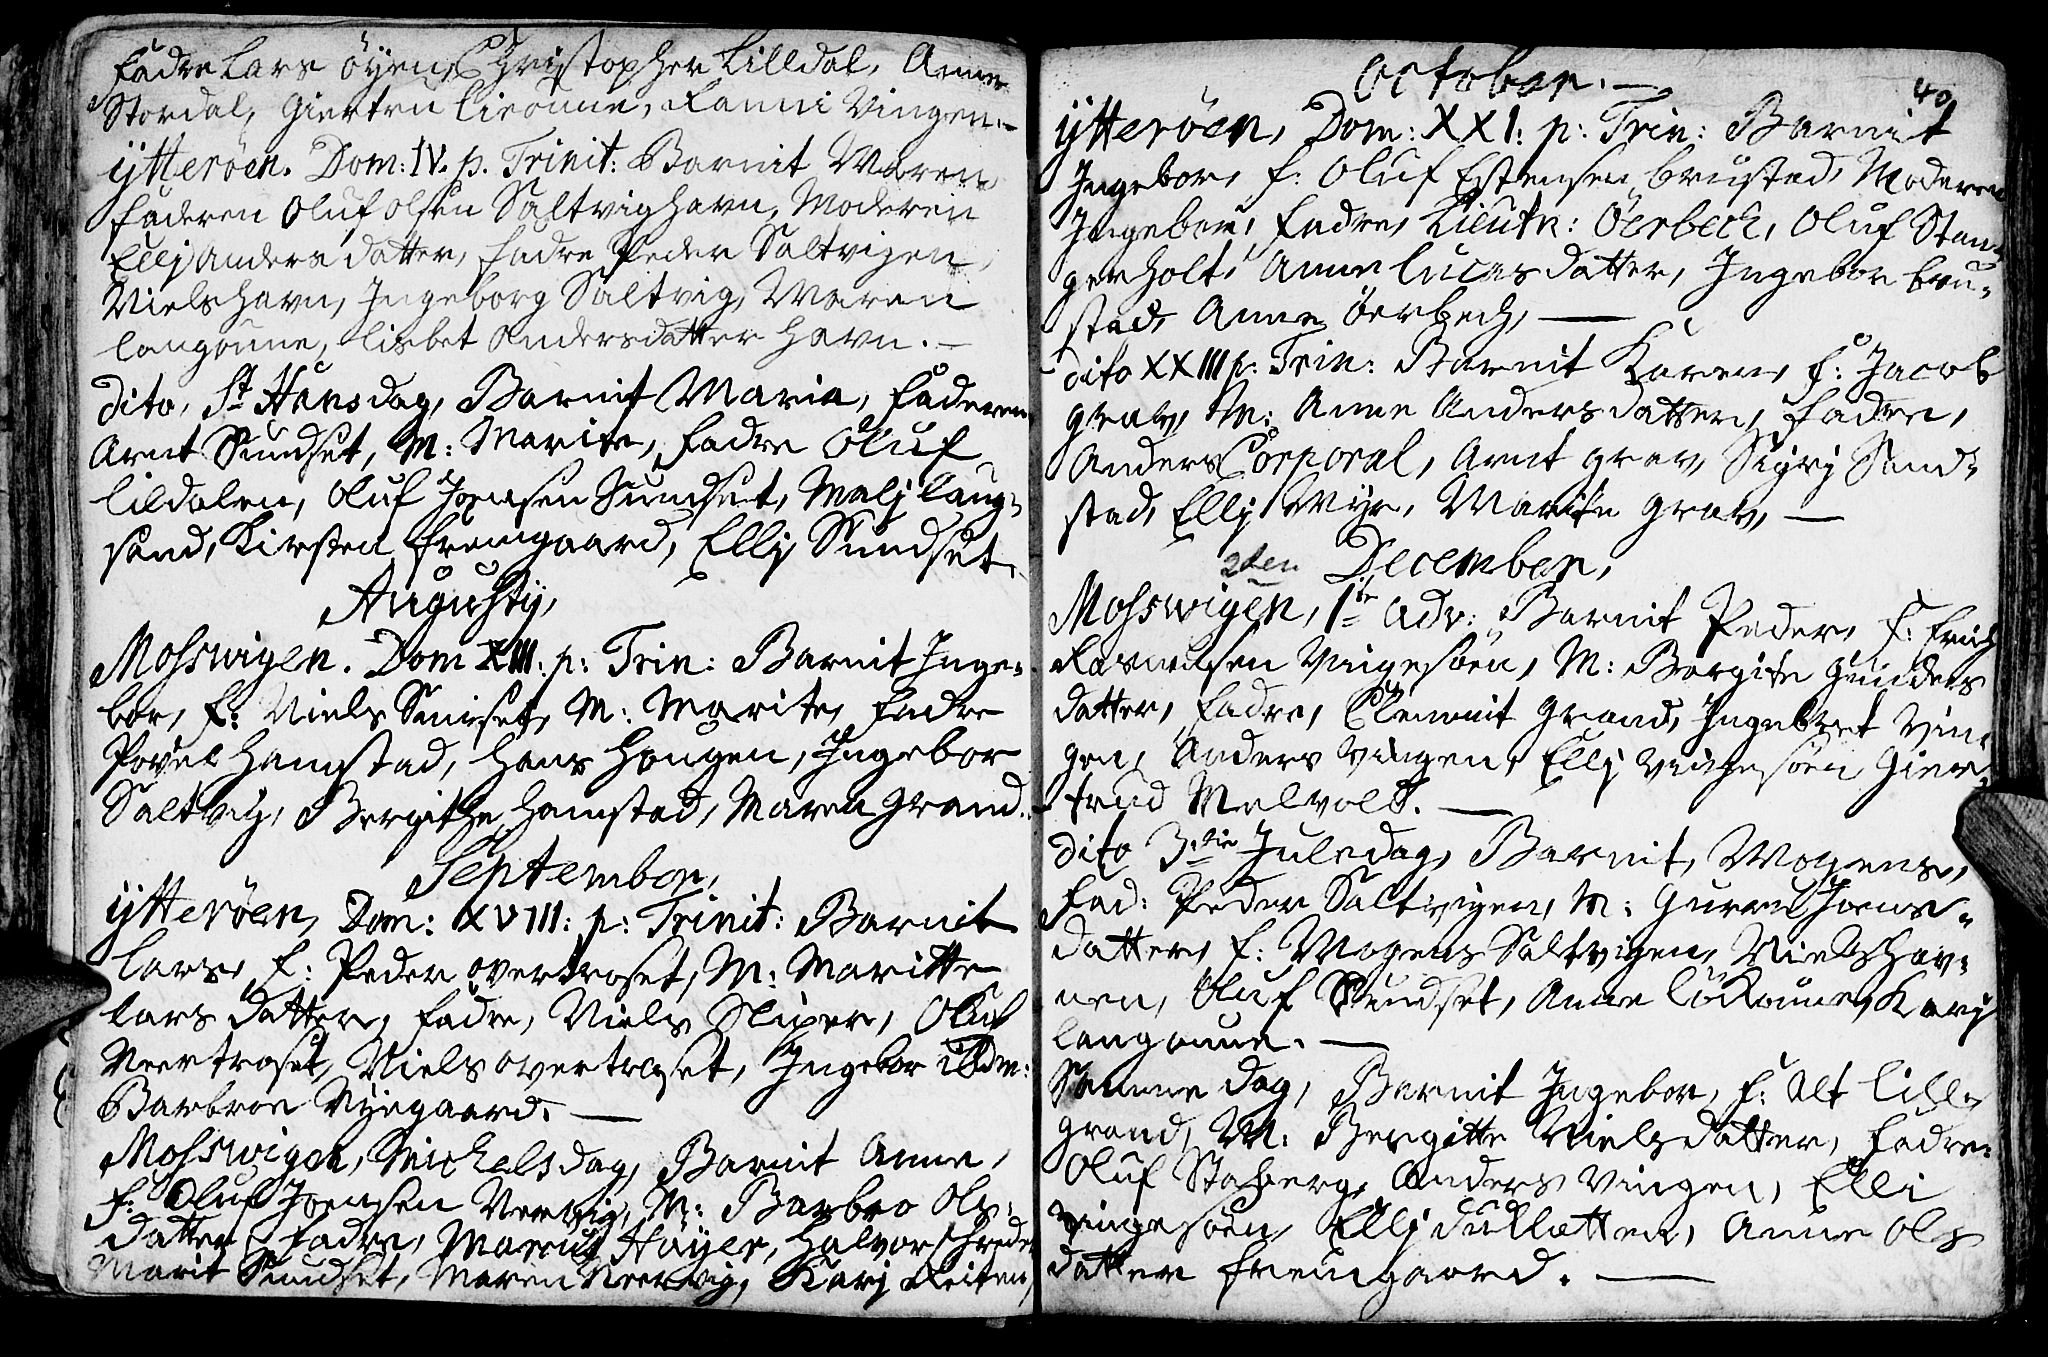 SAT, Ministerialprotokoller, klokkerbøker og fødselsregistre - Nord-Trøndelag, 722/L0215: Ministerialbok nr. 722A02, 1718-1755, s. 40